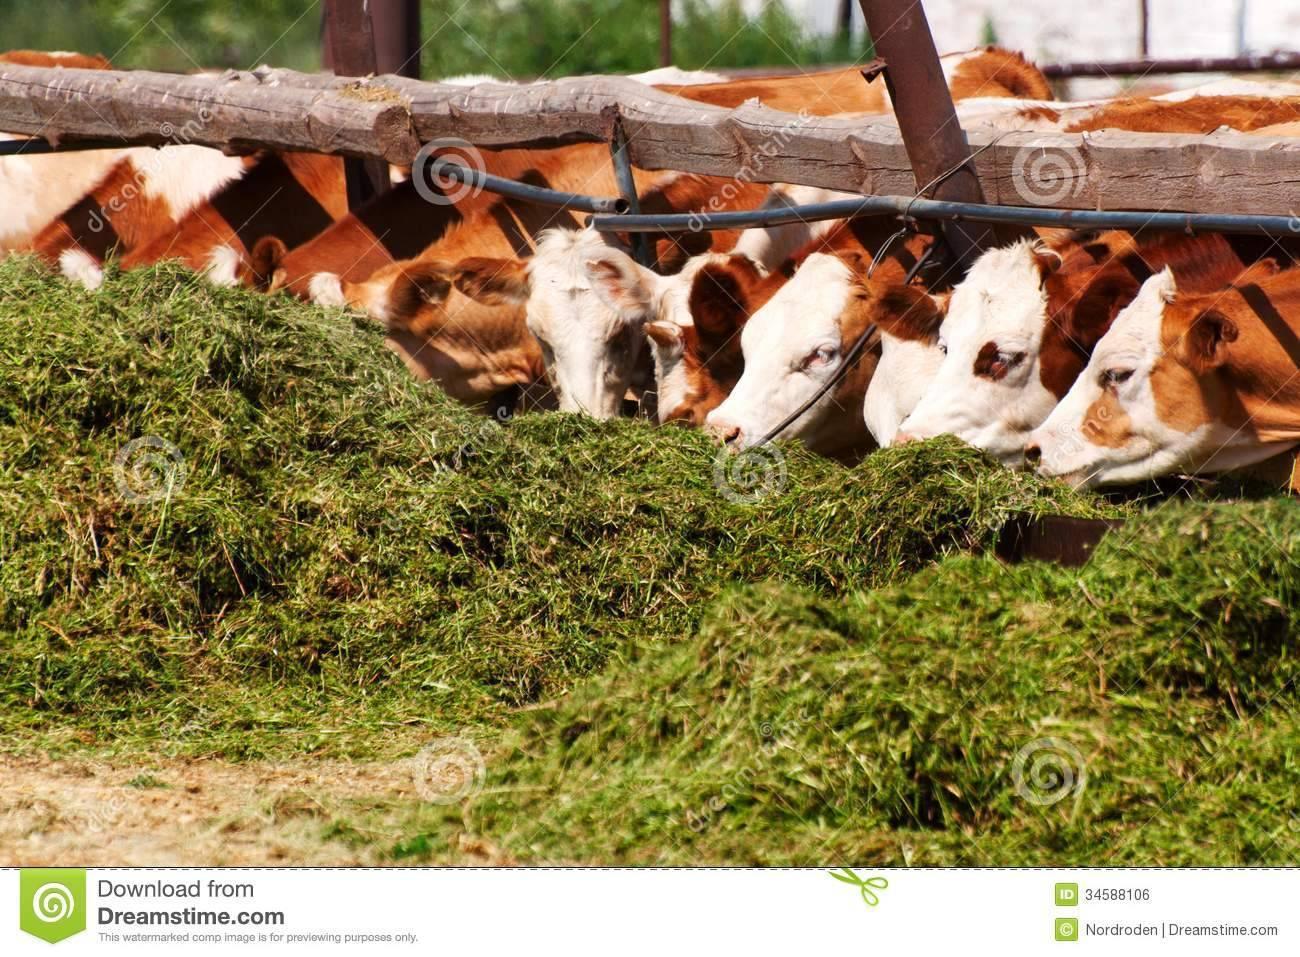 Когда появляется молоко у коровы: способы улучшения молочной продуктивности, особенности первого доения